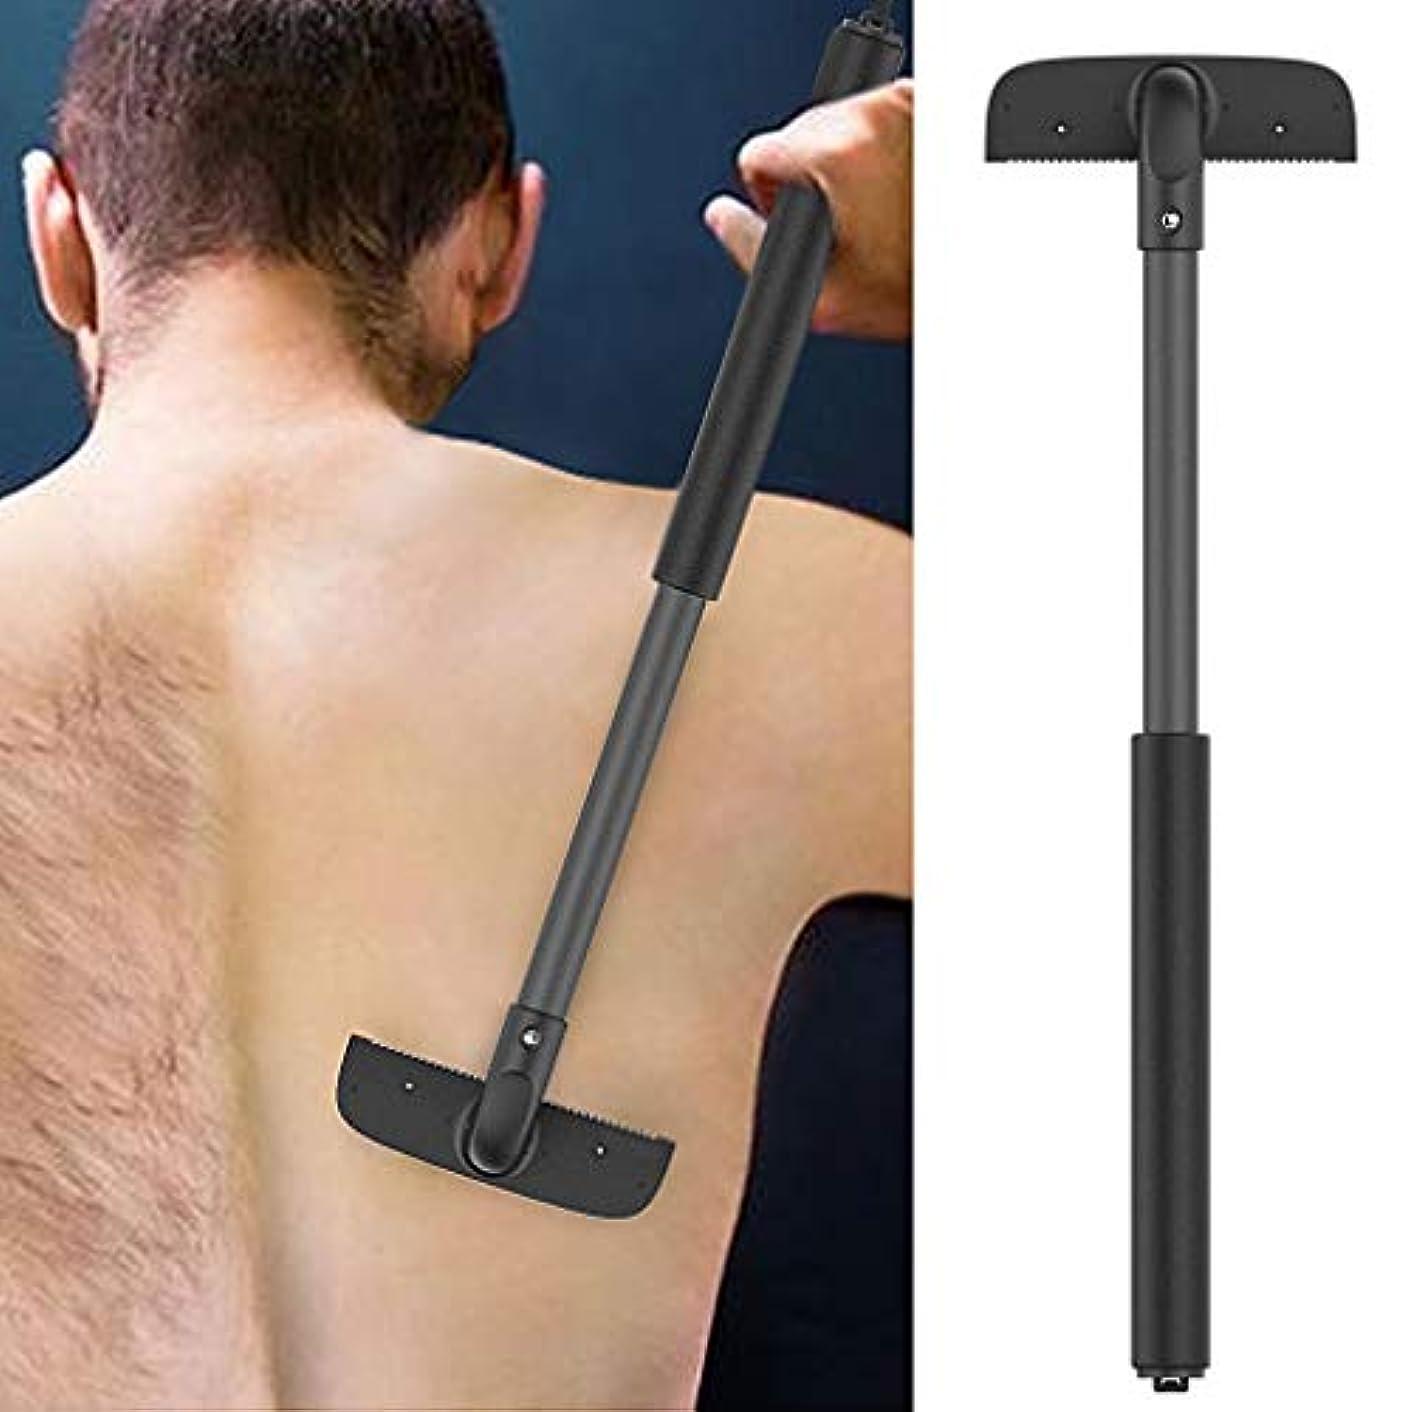 系統的着る計り知れないBack Hair Removal And Body Shaver、バックヘアとボディシェーバー、男性のための剃刀、調節可能なハンドル、伸縮可能なトリマー剃刀脱毛装置 除毛 ムダ毛処理